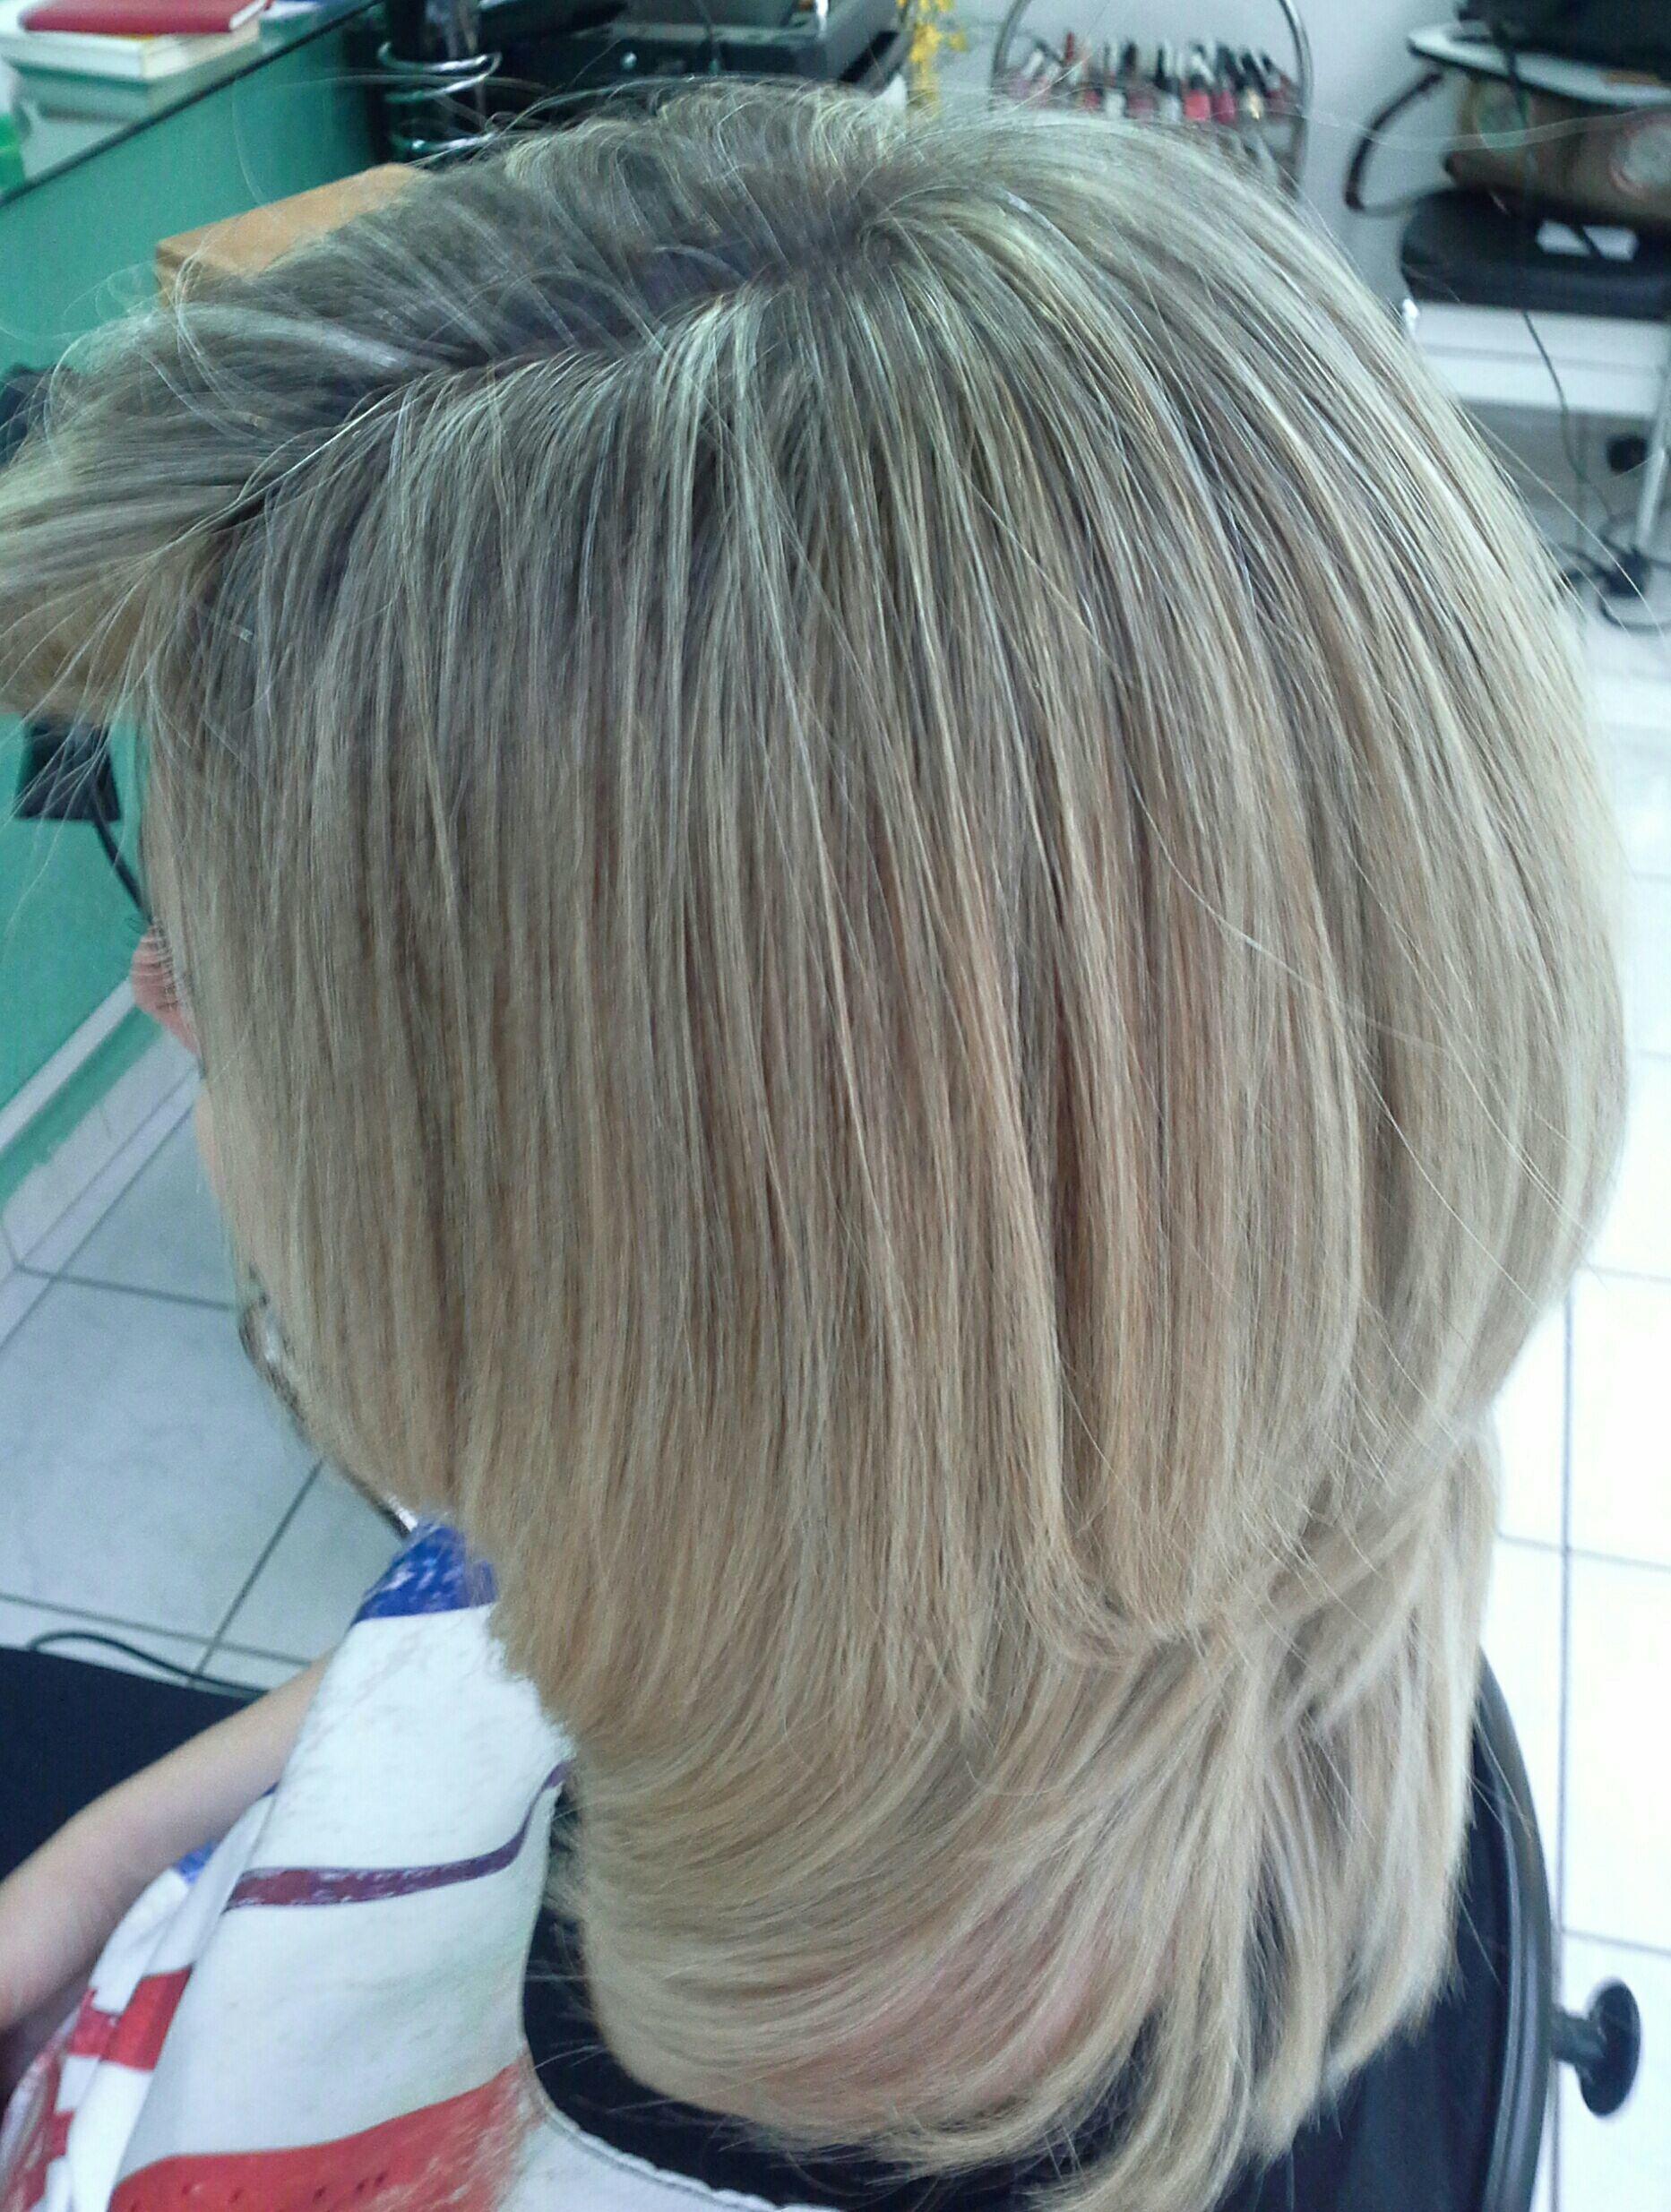 Corte e luzes  Veravisagista   são  paulo cabelo stylist / visagista cabeleireiro(a)